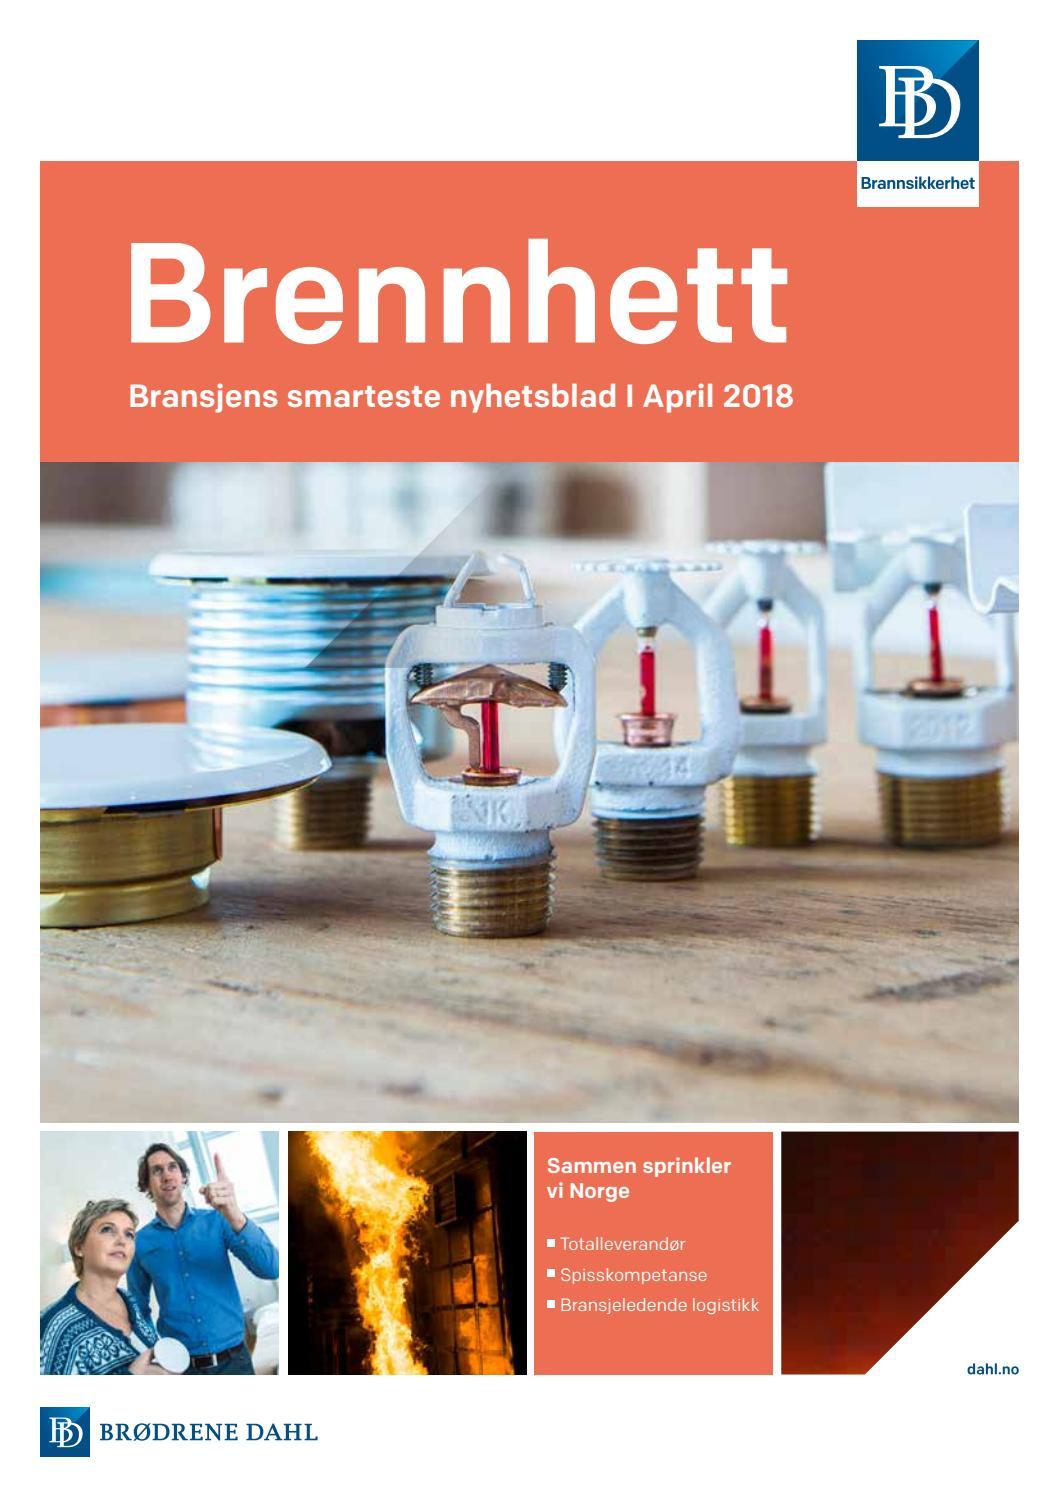 Brennhett nyhetsbrev april18 by Brødrene Dahl - issuu